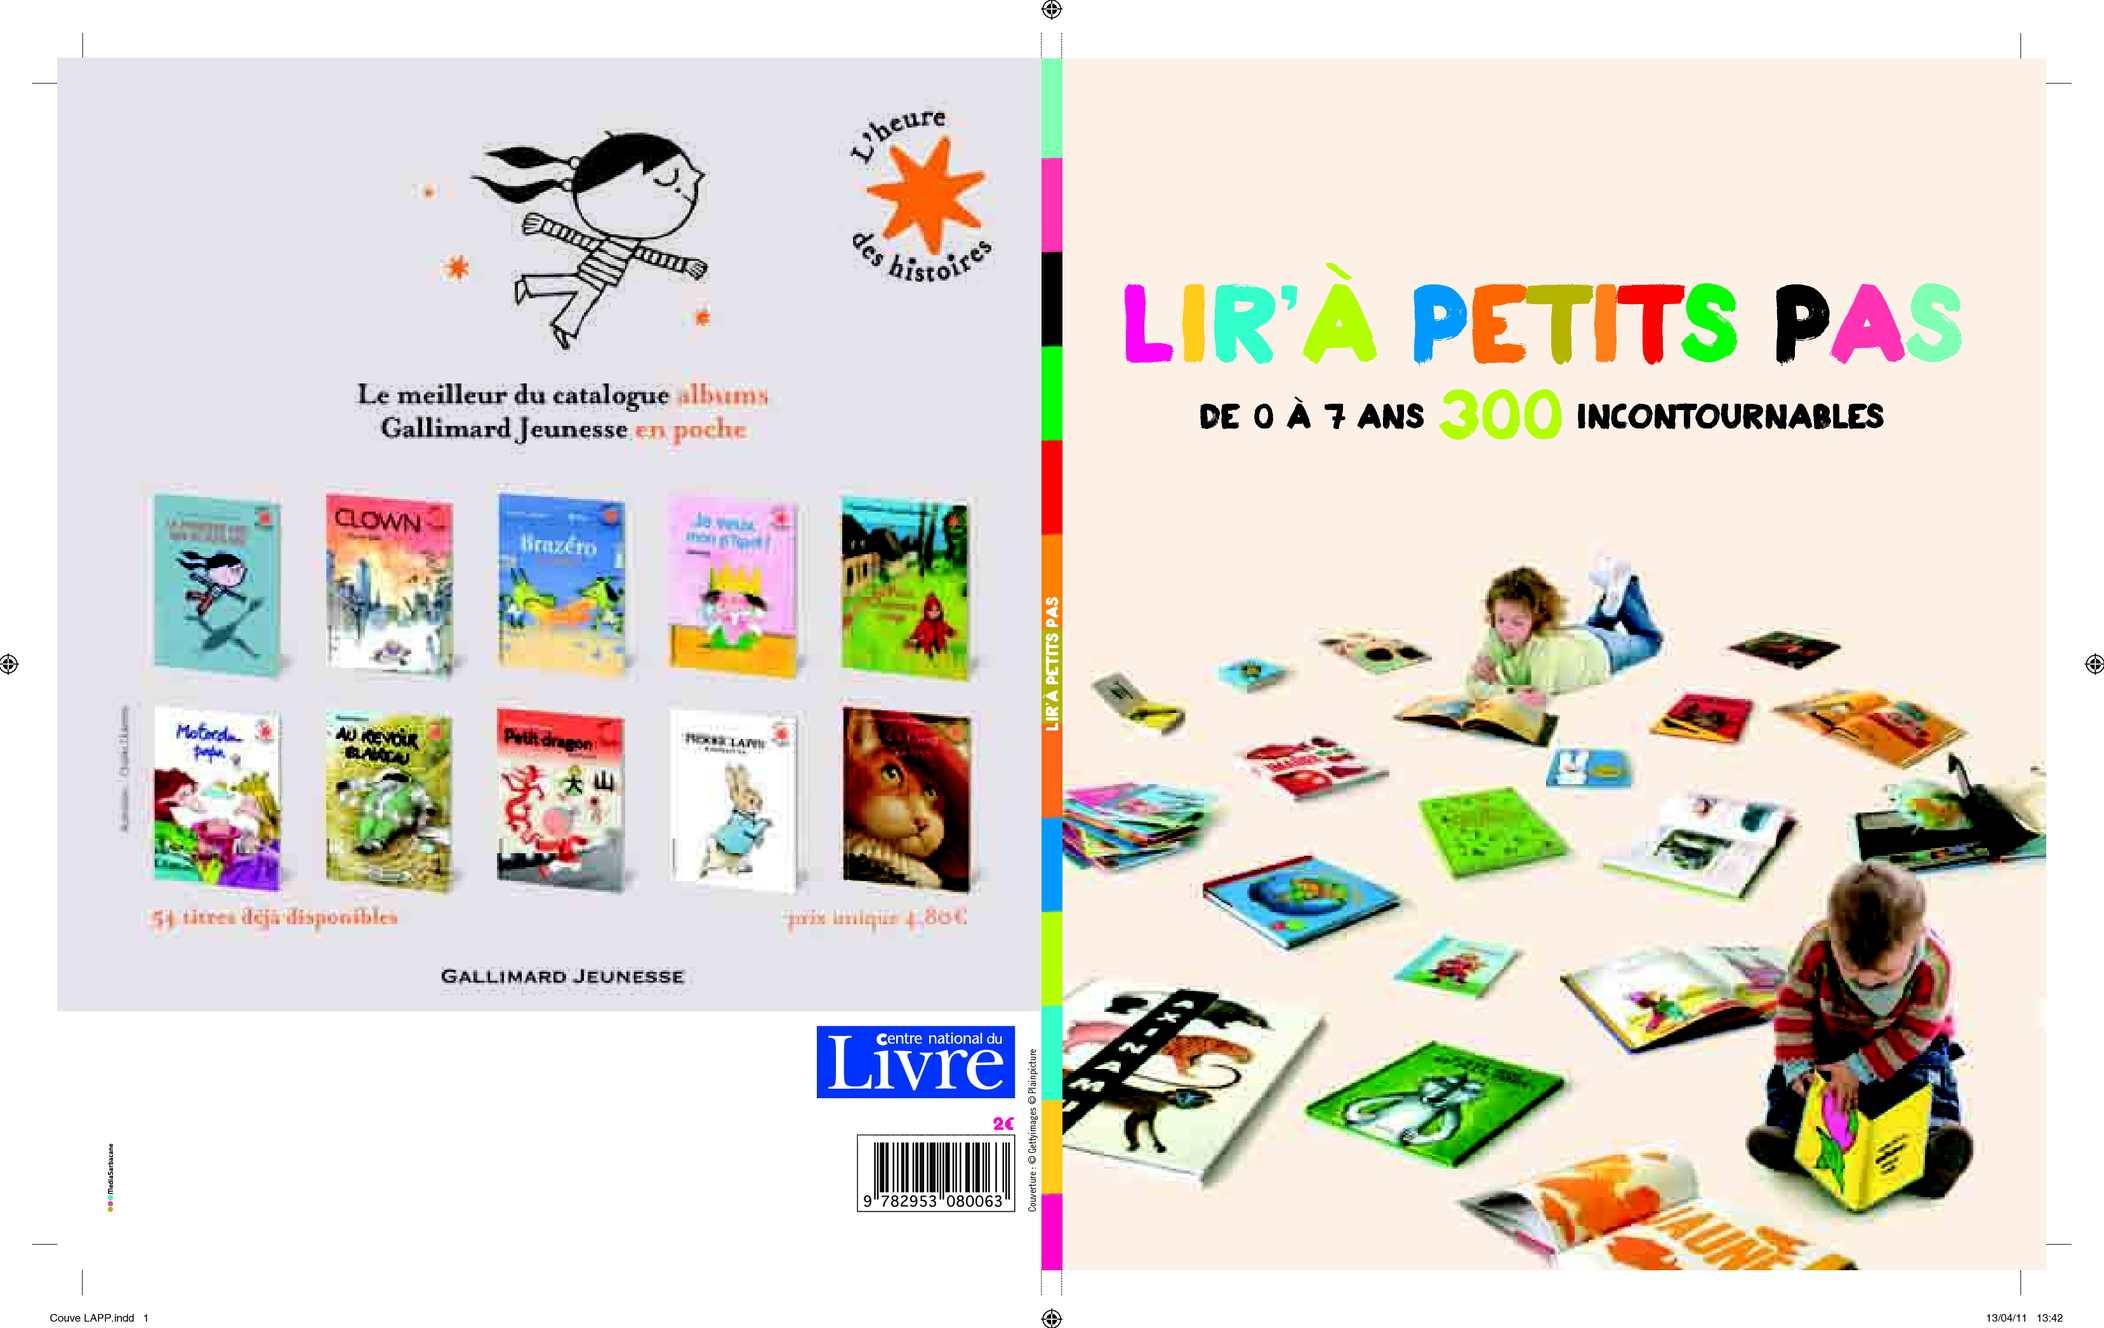 Calaméo - LIR A PETITS PAS 47fb96c2d9be